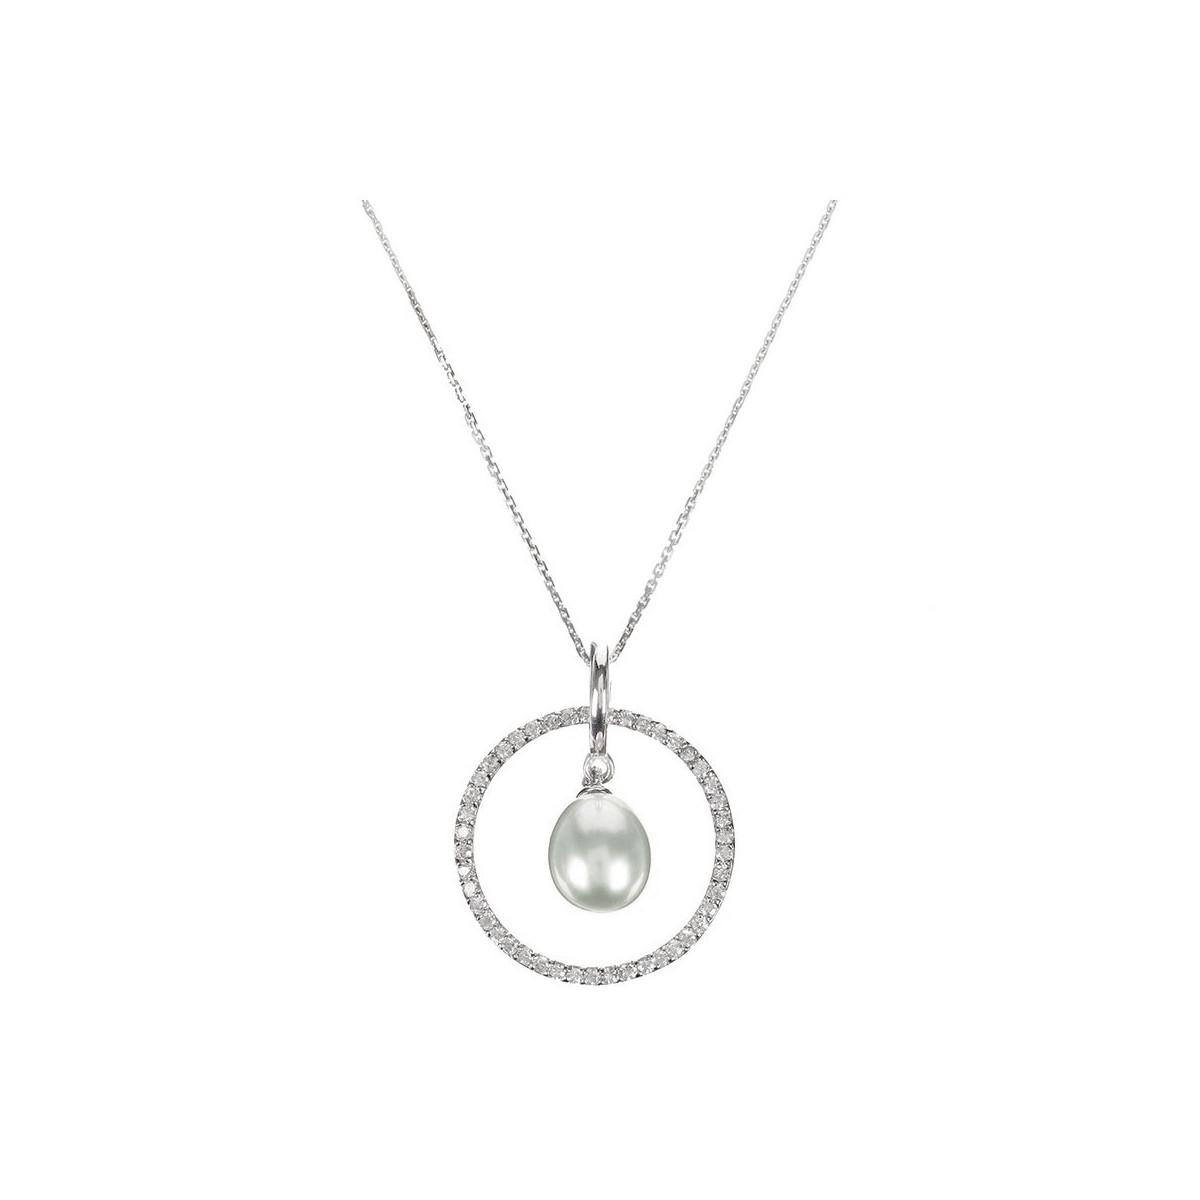 """Pendentif Argent, zirconium et Perle Grise """"Cercles Pétillants Perlés"""" + chaine argent offerte"""